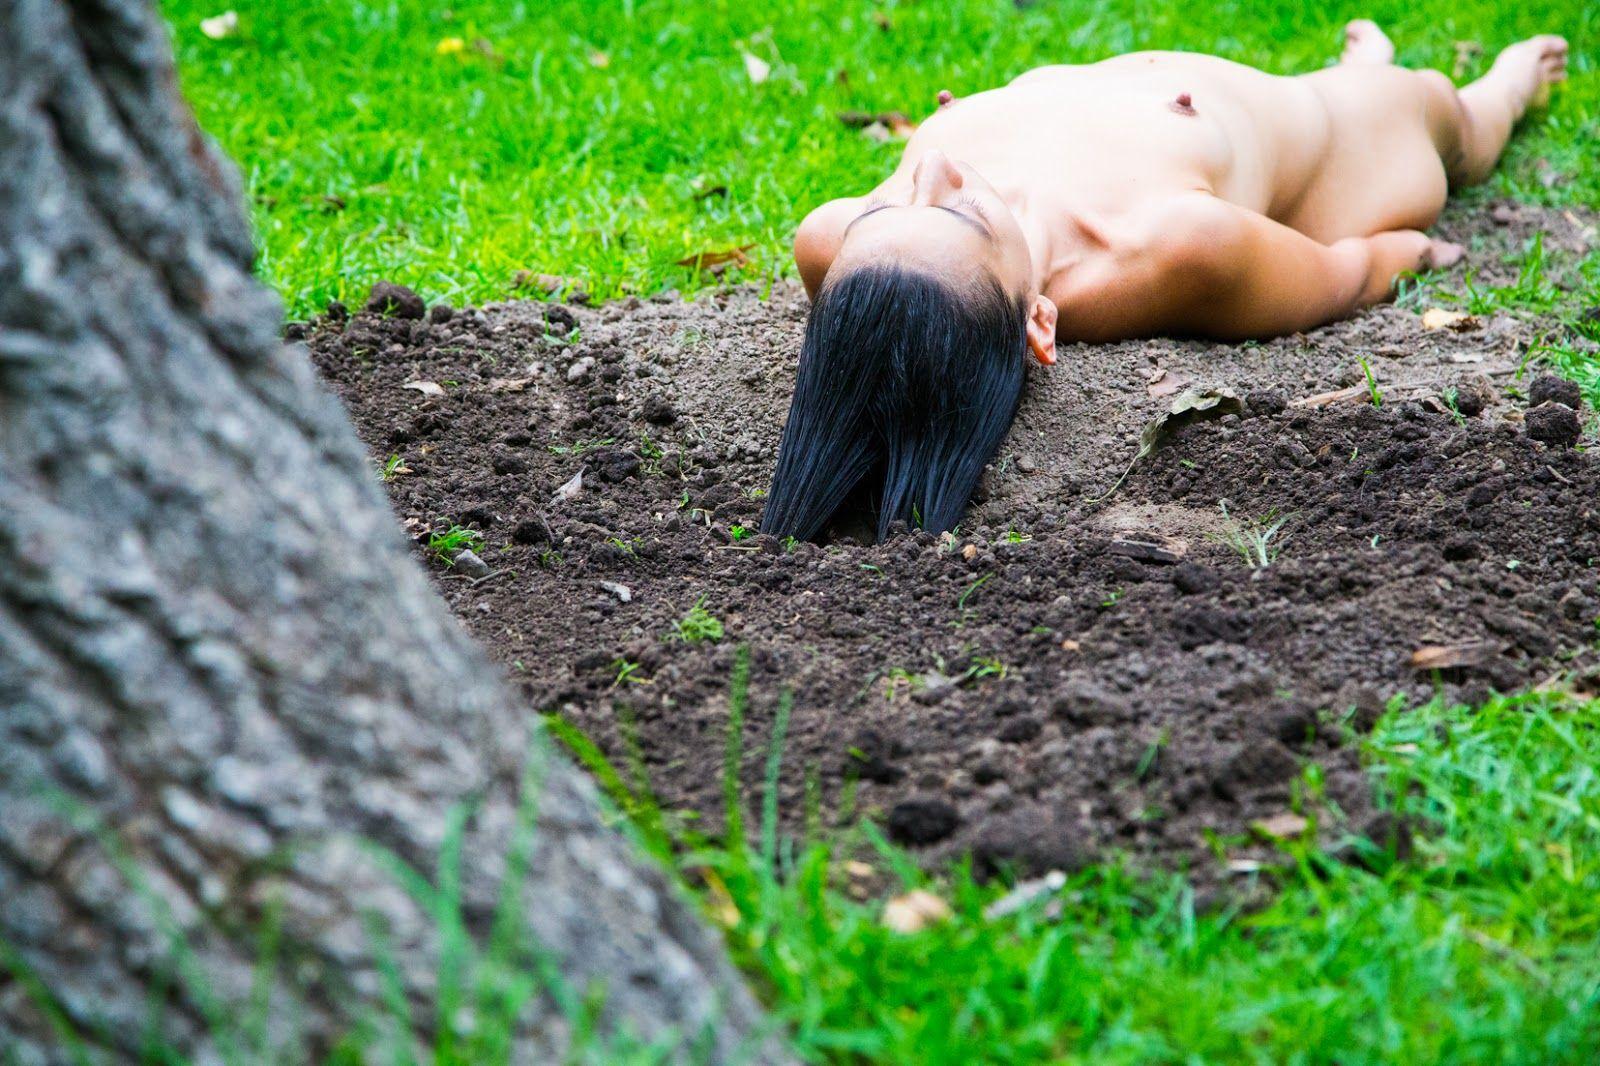 Ecofeminismo, decrecimiento y alternativas al desarrollo: ¿Qué es y cómo surgió el ecofeminismo? Y más impor...